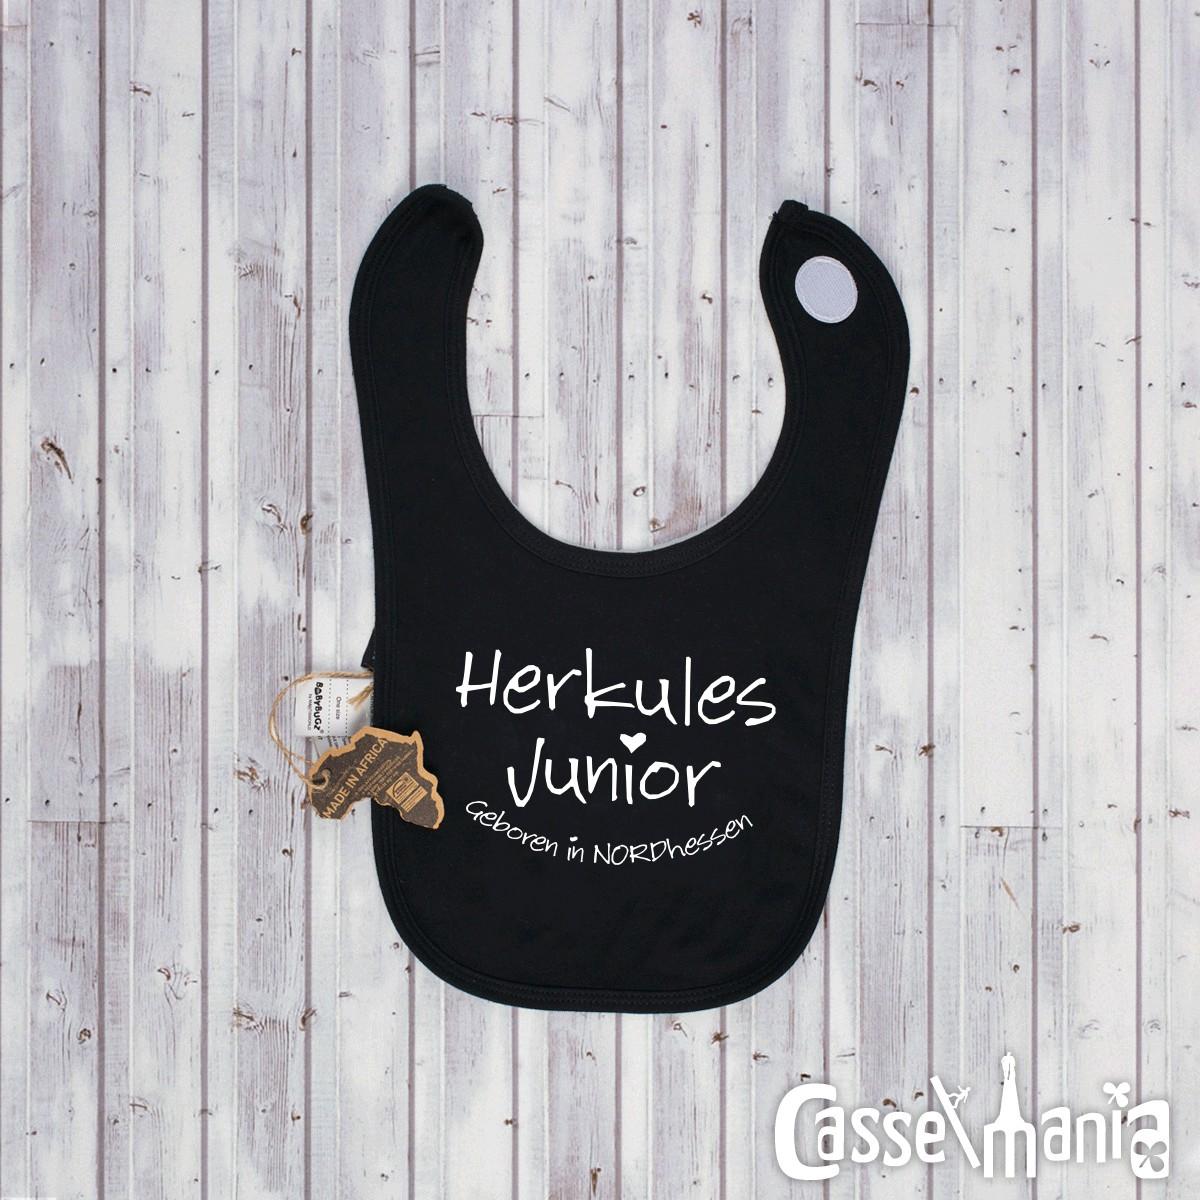 Herkules junior - Lätzchen